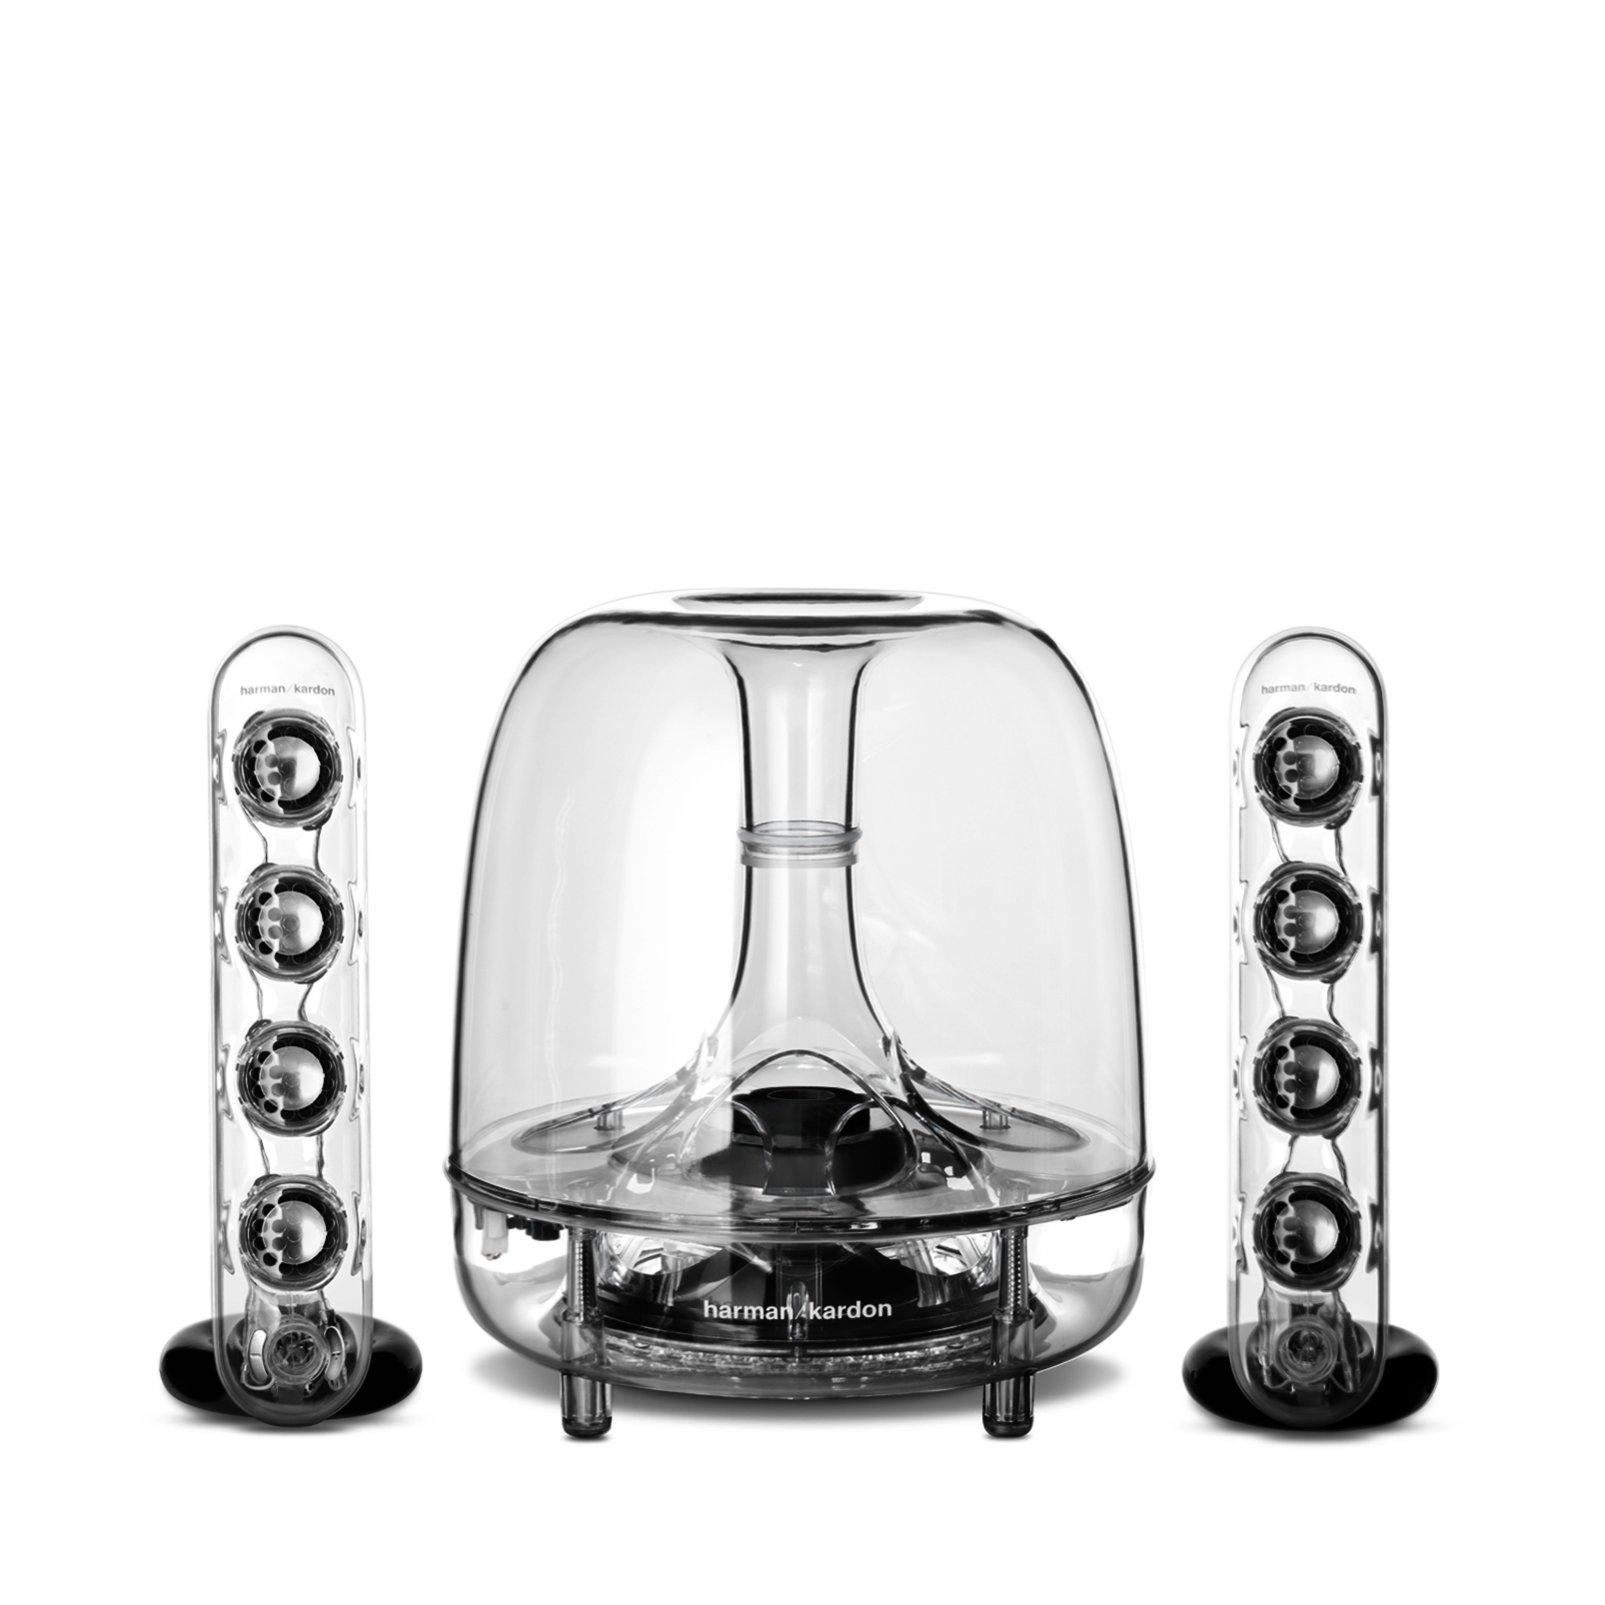 Harman/Kardon Soundsticks III Sistema Altoparlante Suono Desktop a LED con Altoparlanti, Satellite Doppi e Subwoofer, per Dispositivi con Compatibilità Aux da 3,5 mm, Trasparente product image